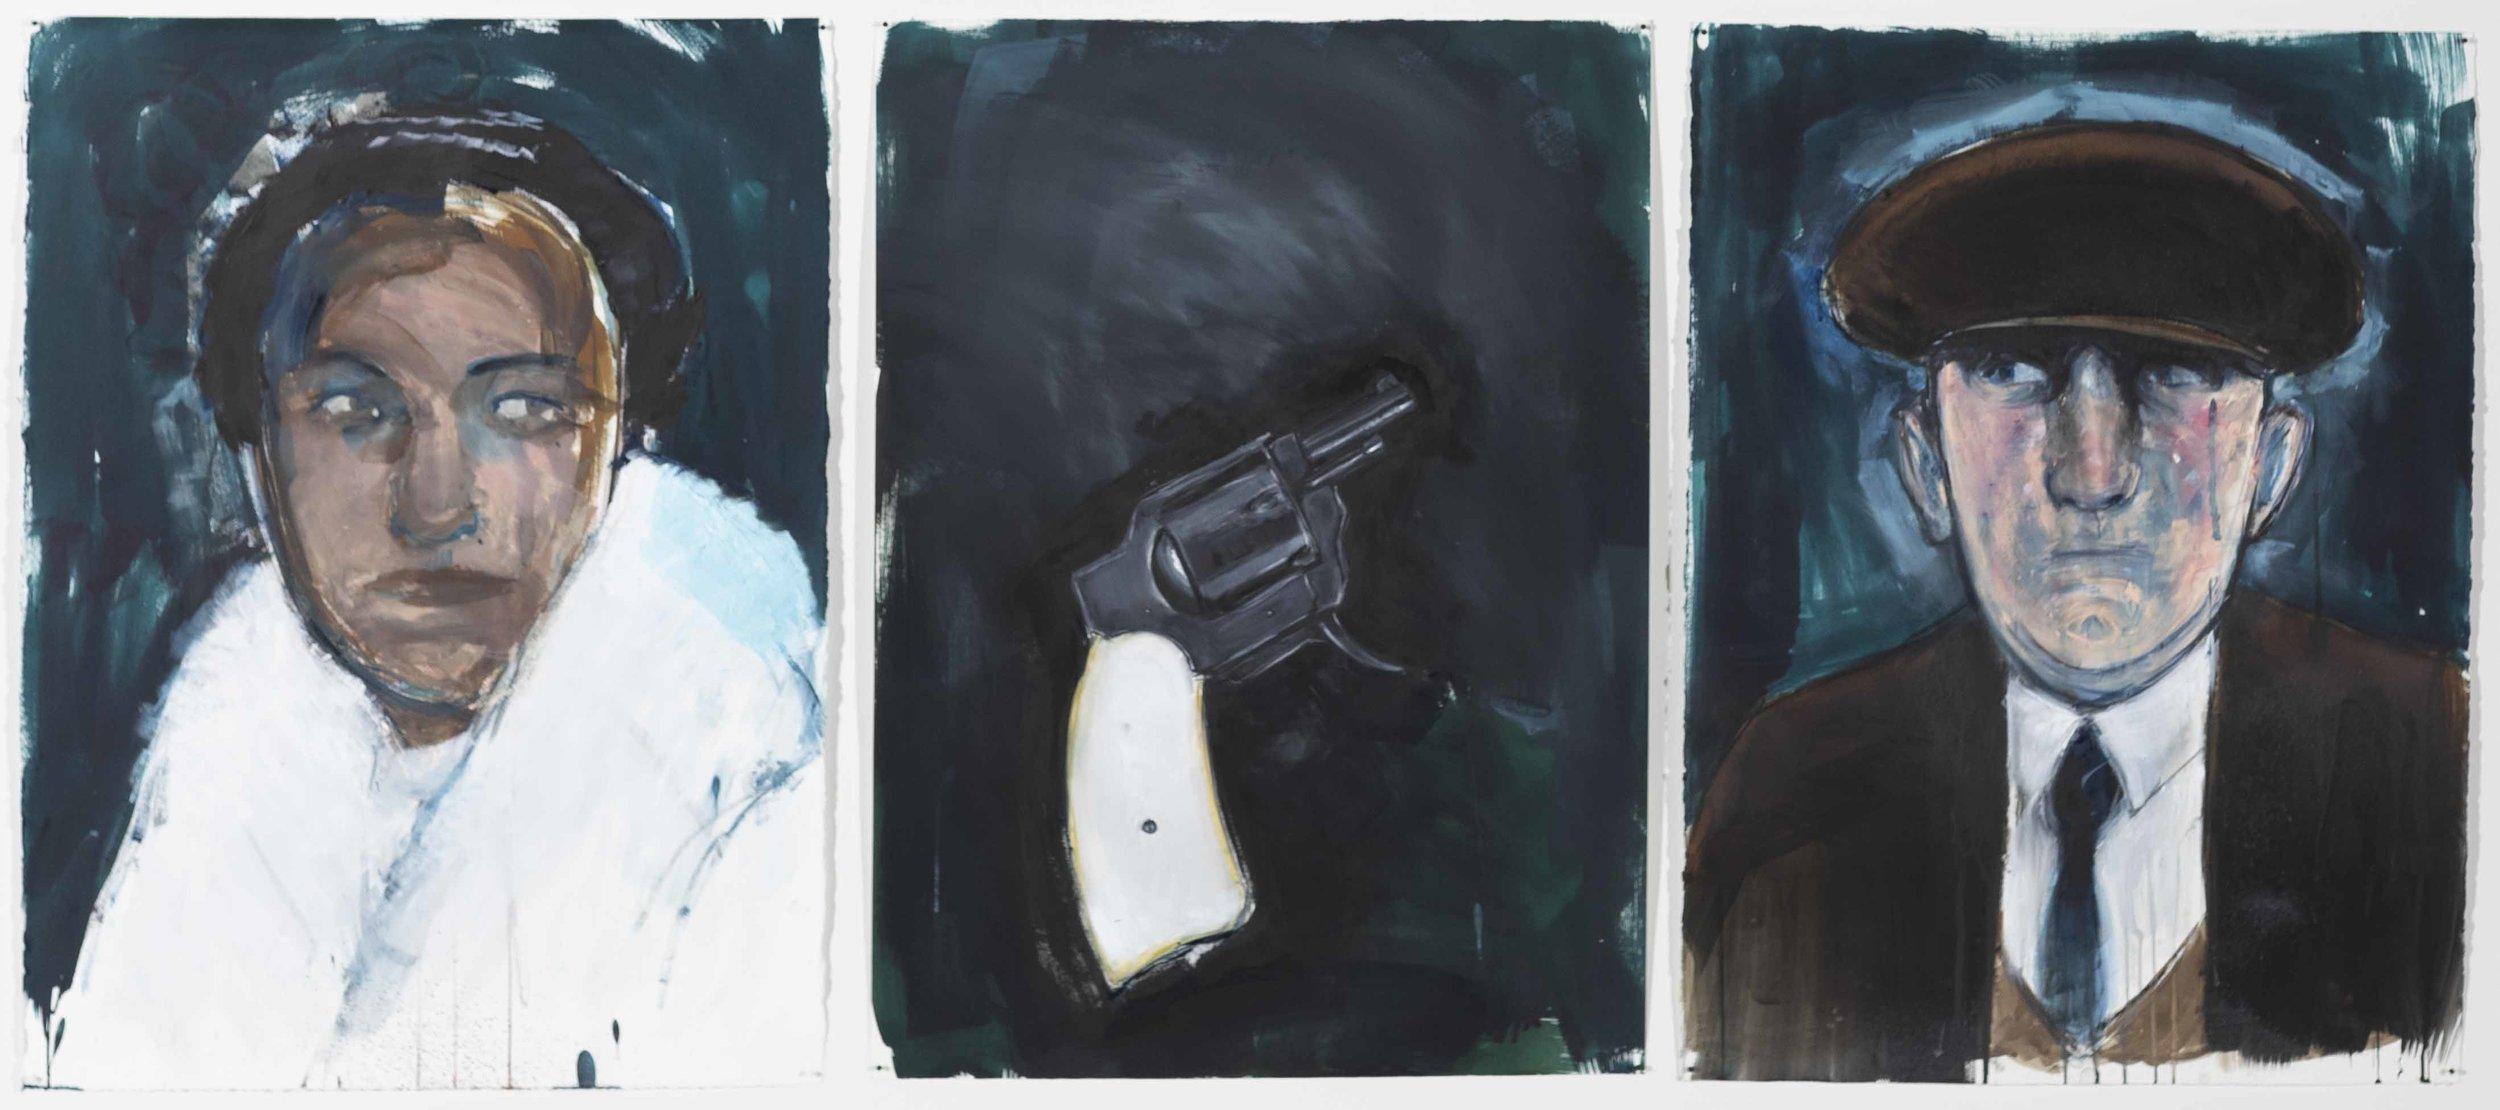 Murder_Ballad_part_1__14.JPG